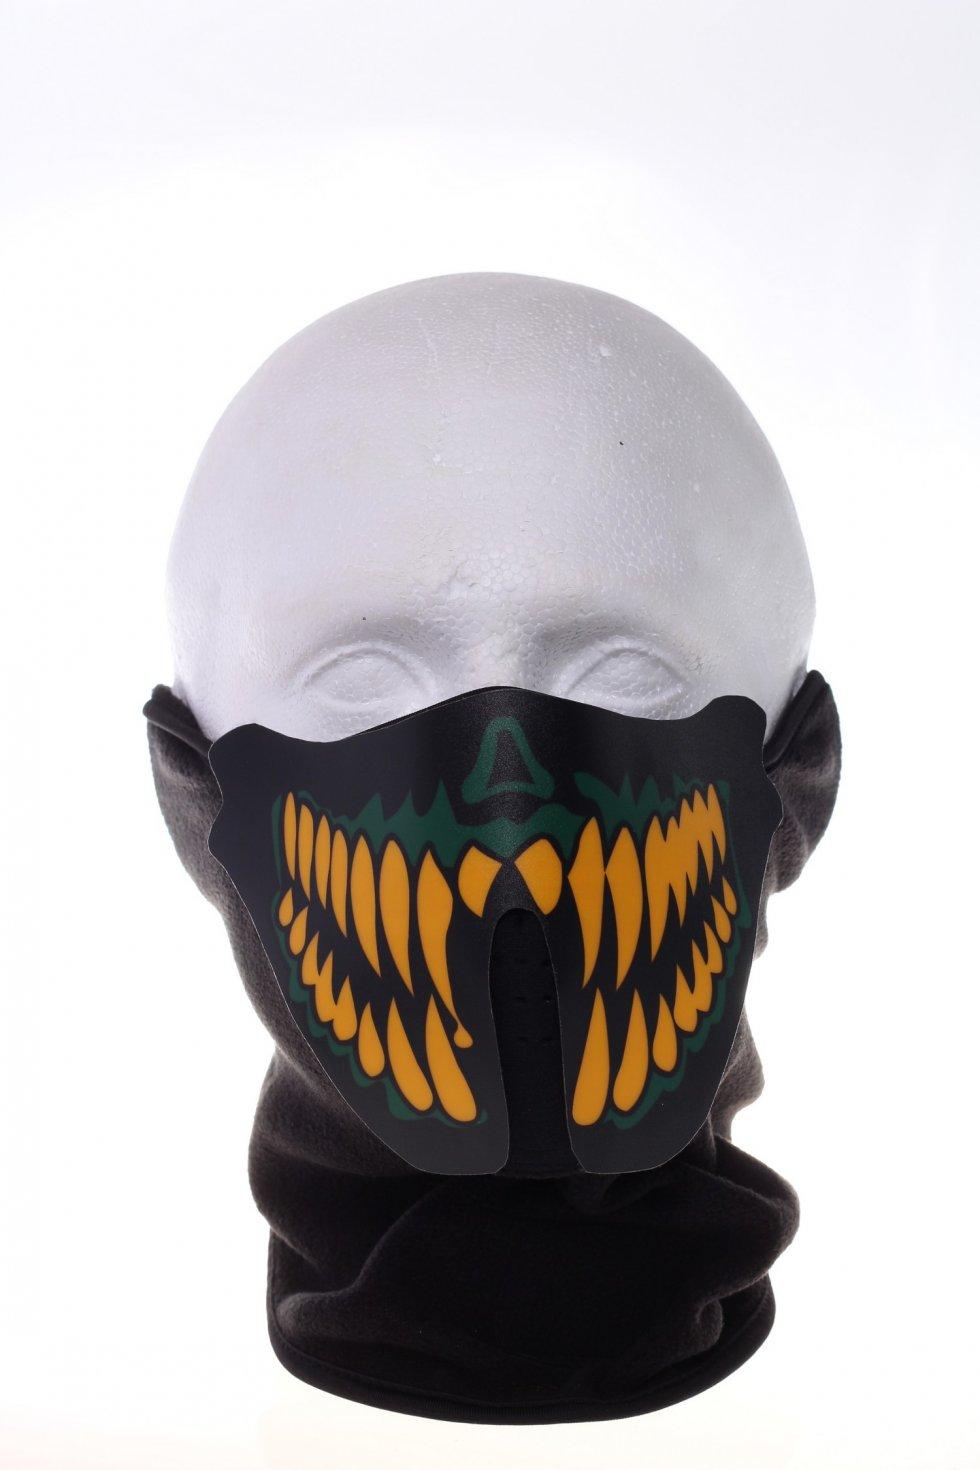 Rave Mask - sound sensitive